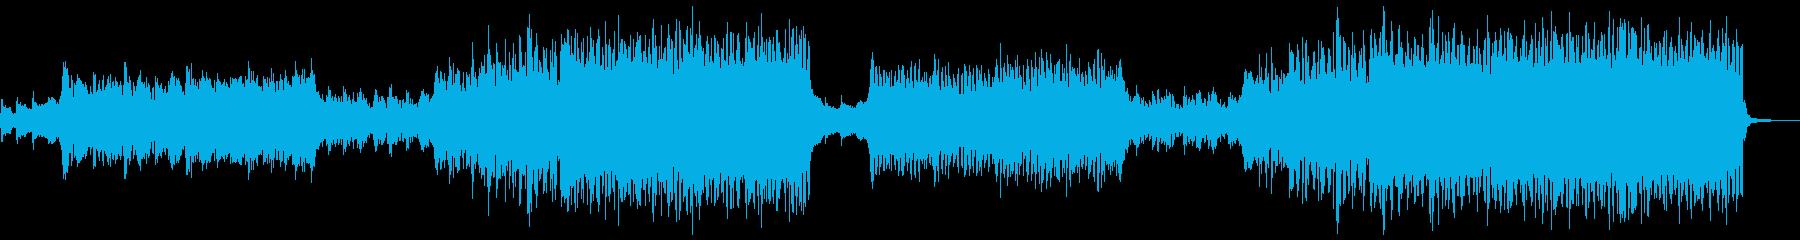 夢 冒険 綺麗な EDMの再生済みの波形